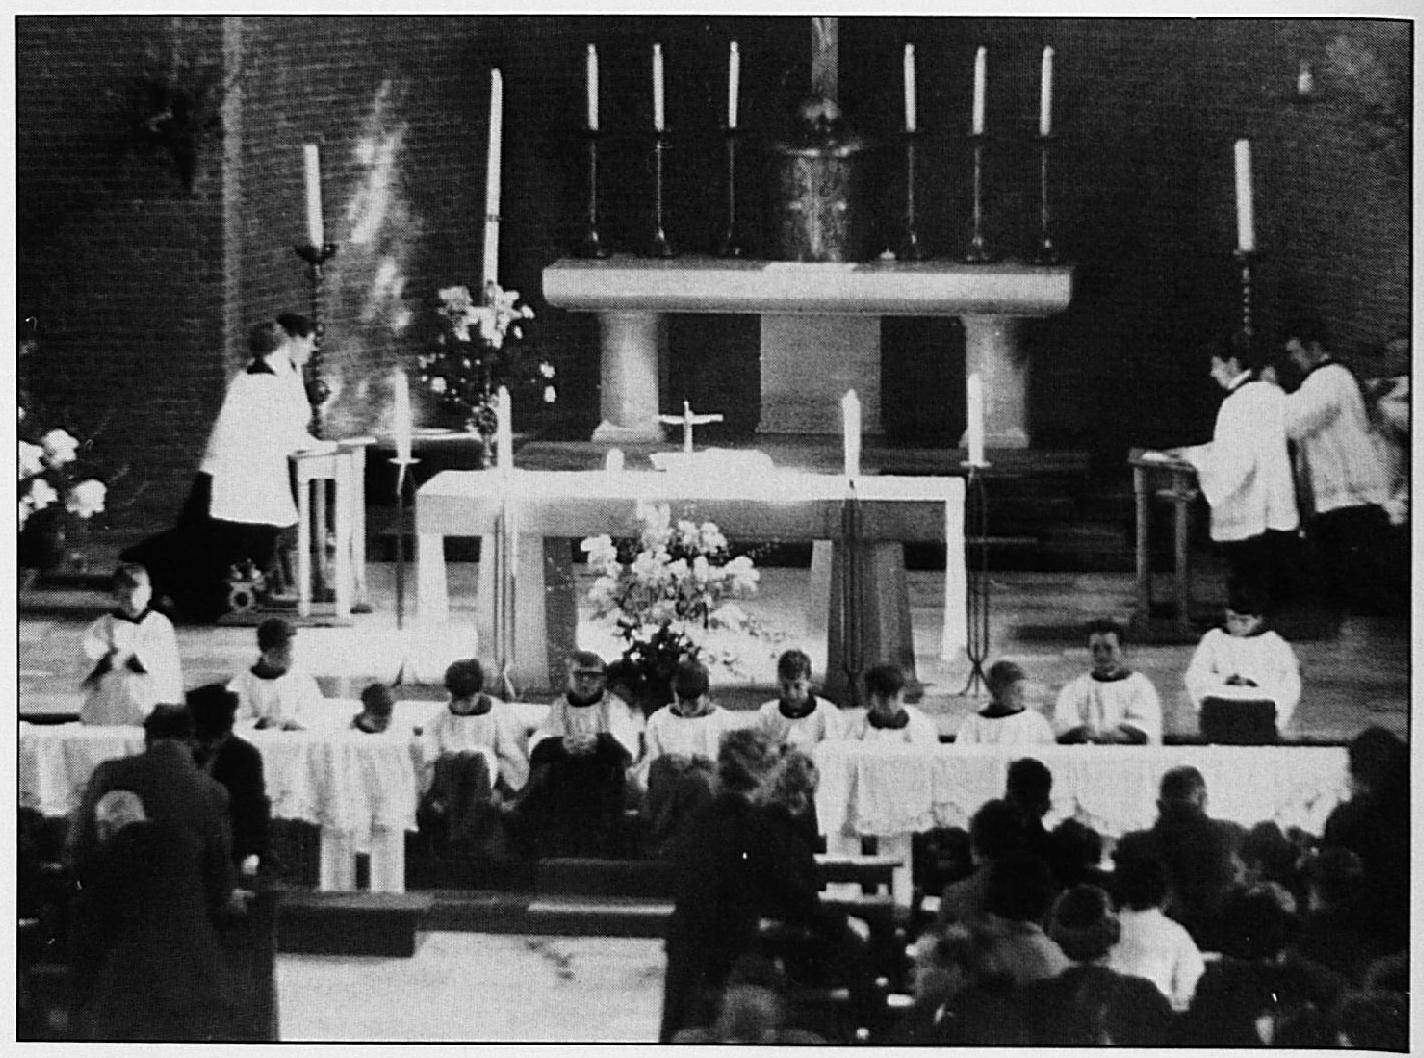 De eerste H. Mis in de nieuwe kerk is natuurlijk de plechtige inzegening van het gebouw.